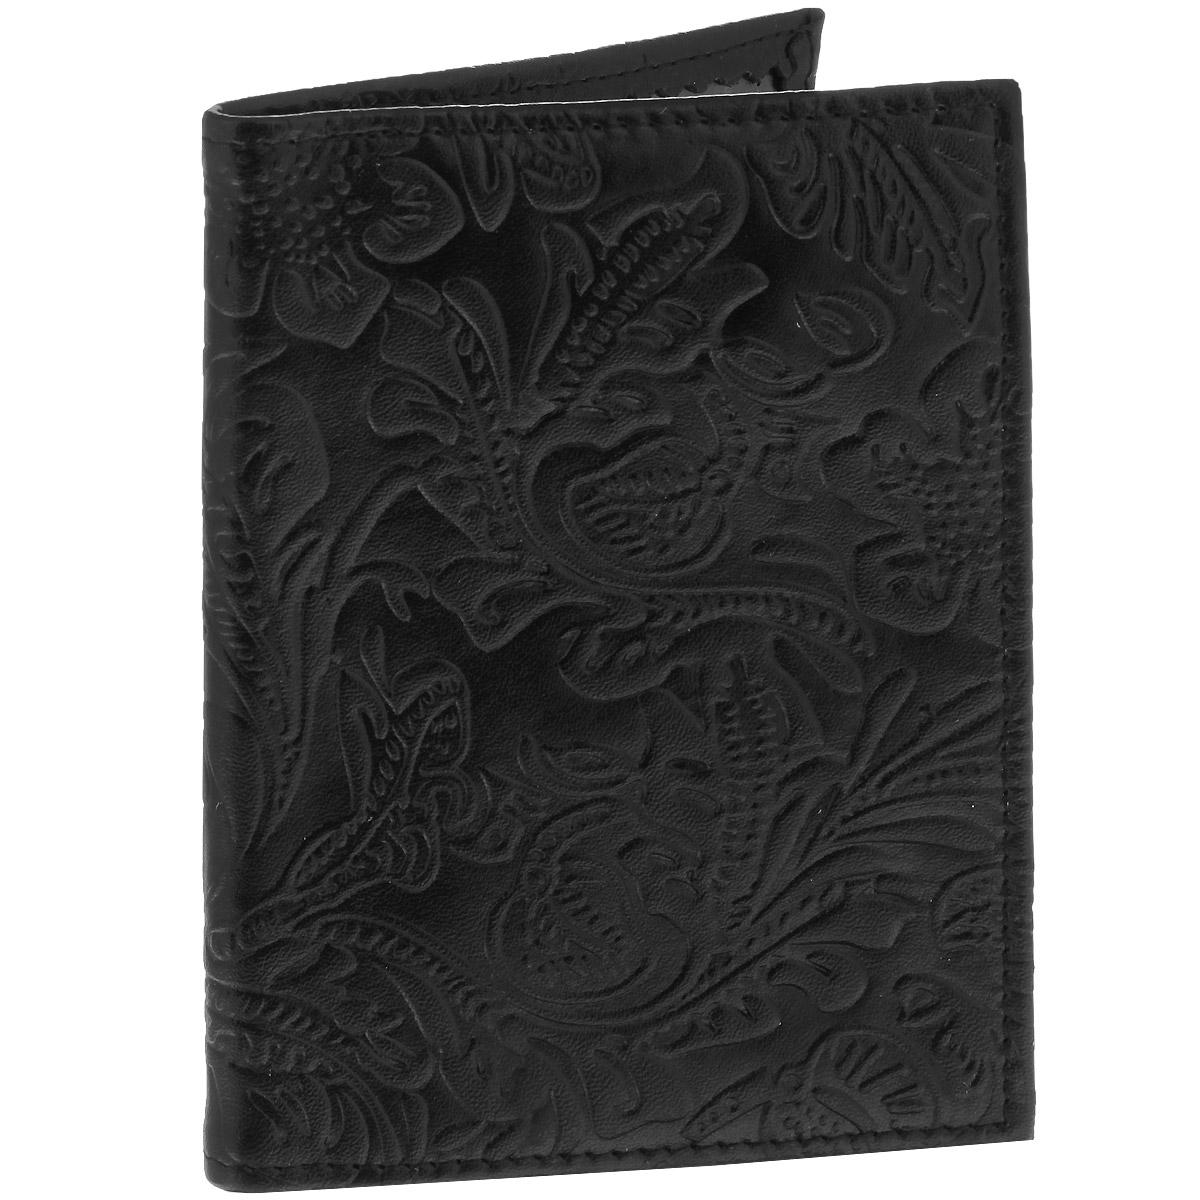 Обложка для паспорта Cheribags Узор, цвет: черный. OP-10OP-10 узорЭлегантная обложка для паспорта Cheribags изготовлена из натуральной высококачественной кожи и оформлена тисненым растительным узором. Внутри - два прозрачных боковых кармана из пластика, которые прочно зафиксируют ваш паспорт. Модная обложка для паспорта не только поможет сохранить внешний вид вашего документа и защитить его от повреждений, но и станет стильным аксессуаром, который прекрасно дополнит ваш образ.